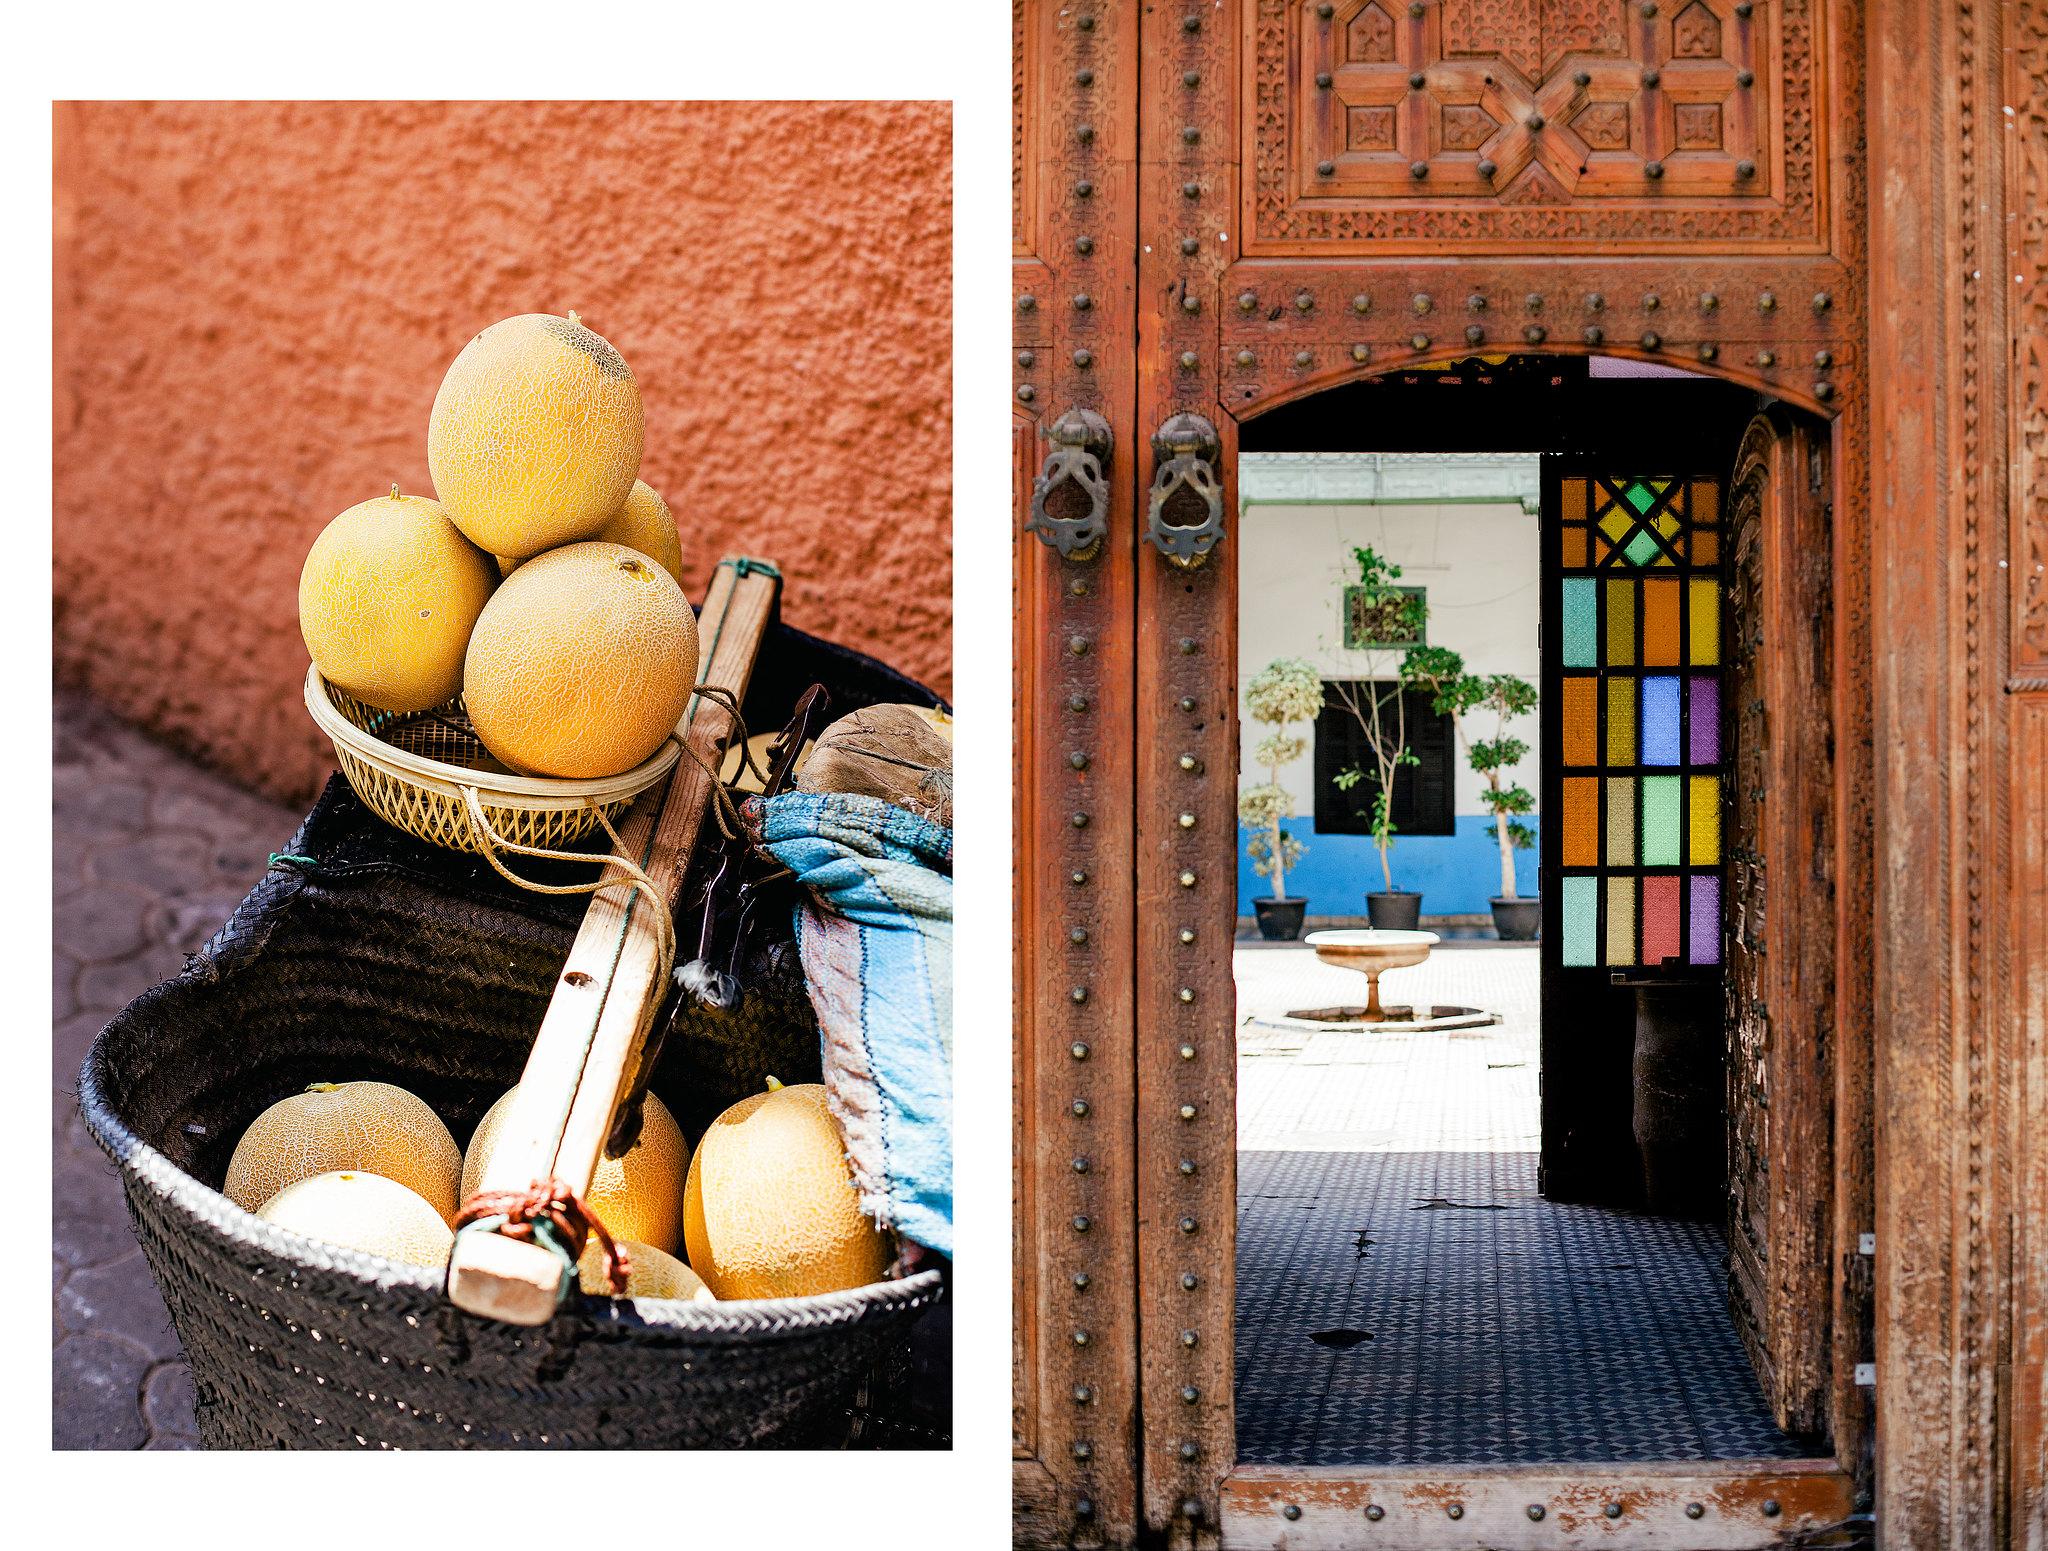 Mandarin Oriental Marrakech, Morocco